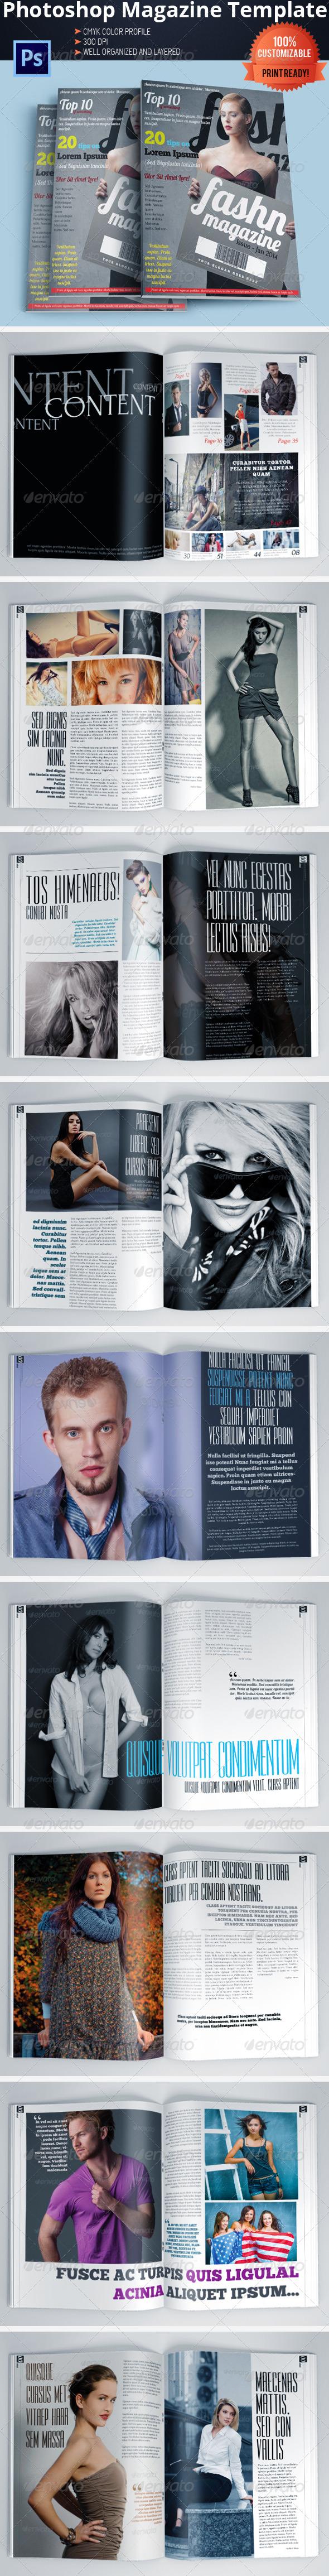 GraphicRiver Fashion Magazine Template Vol.2 5705058